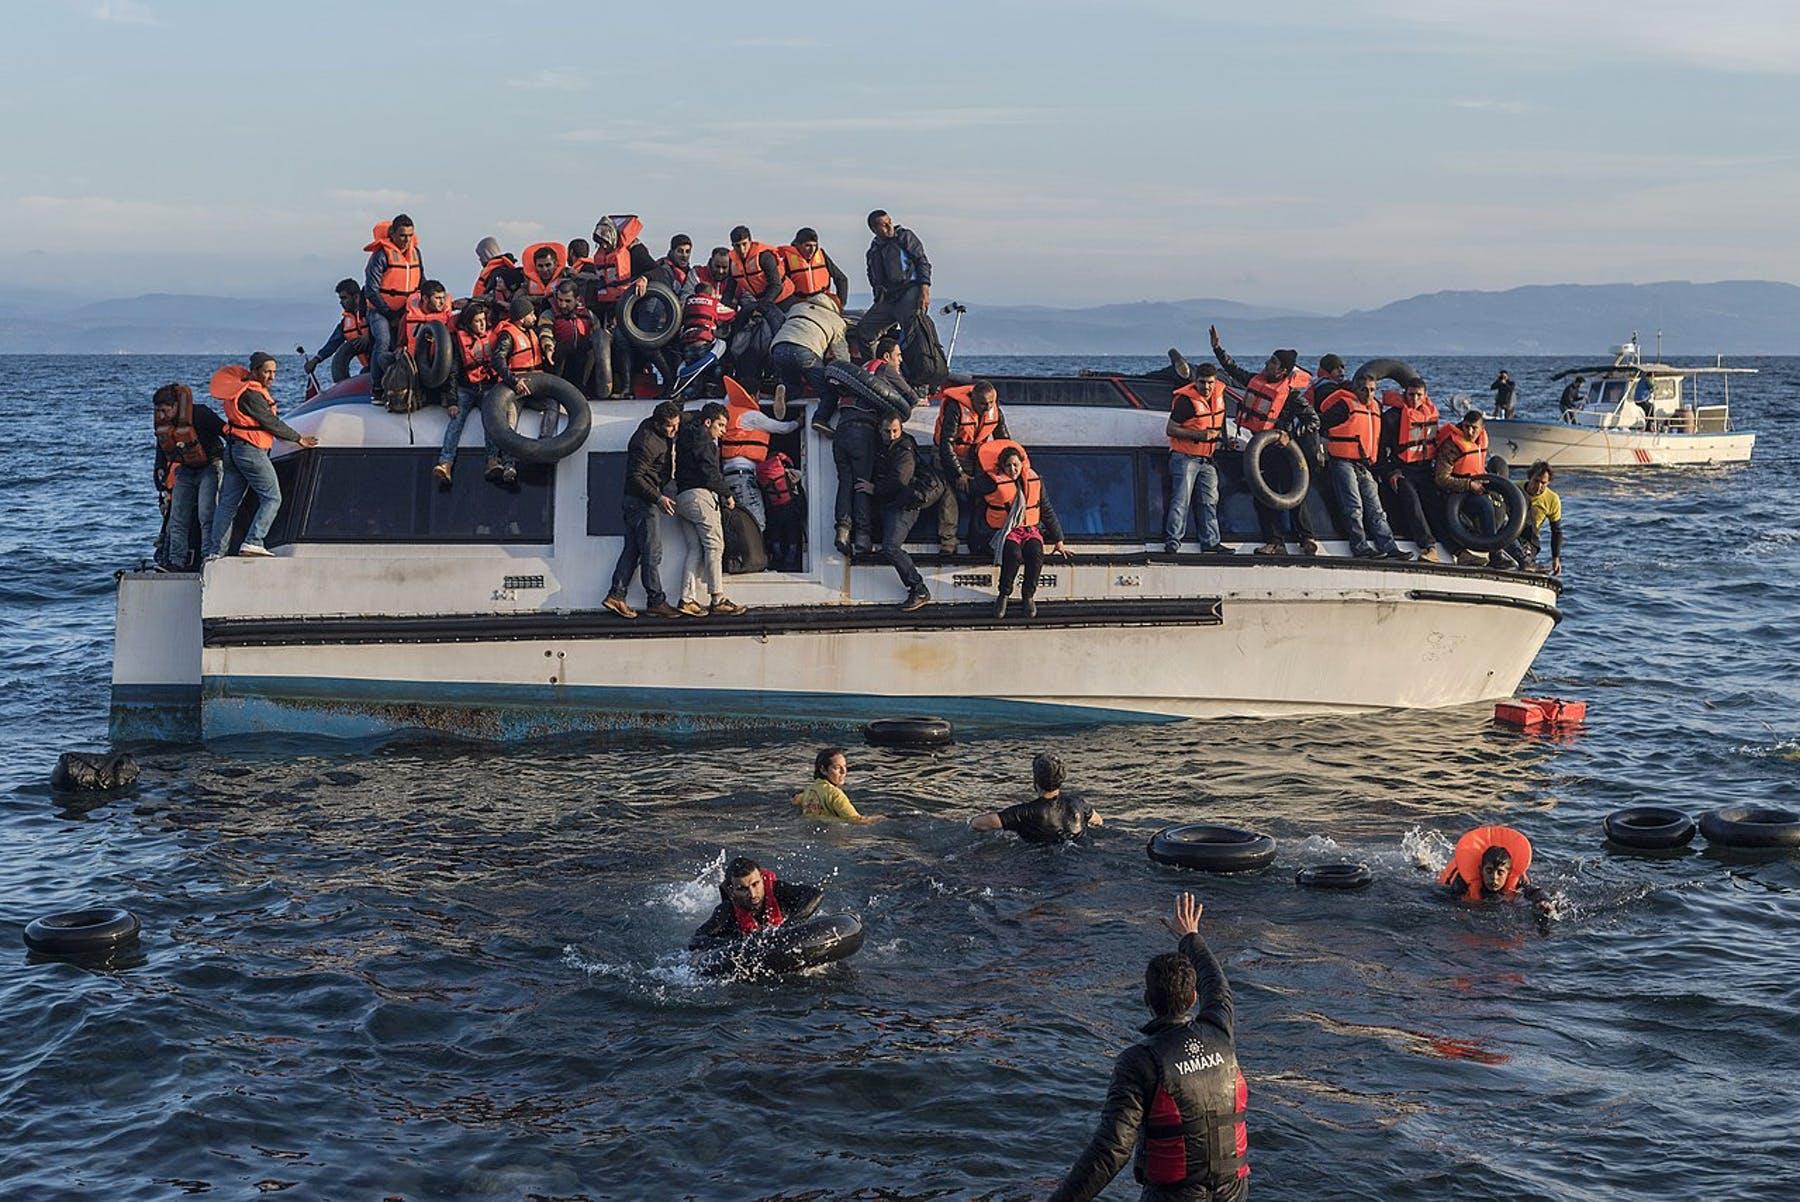 Refugiados sirios e iraquíes tratan de desembarcar en las aguas costeras de Lesbos en Grecia, después de haber cruzado desde Turquía.